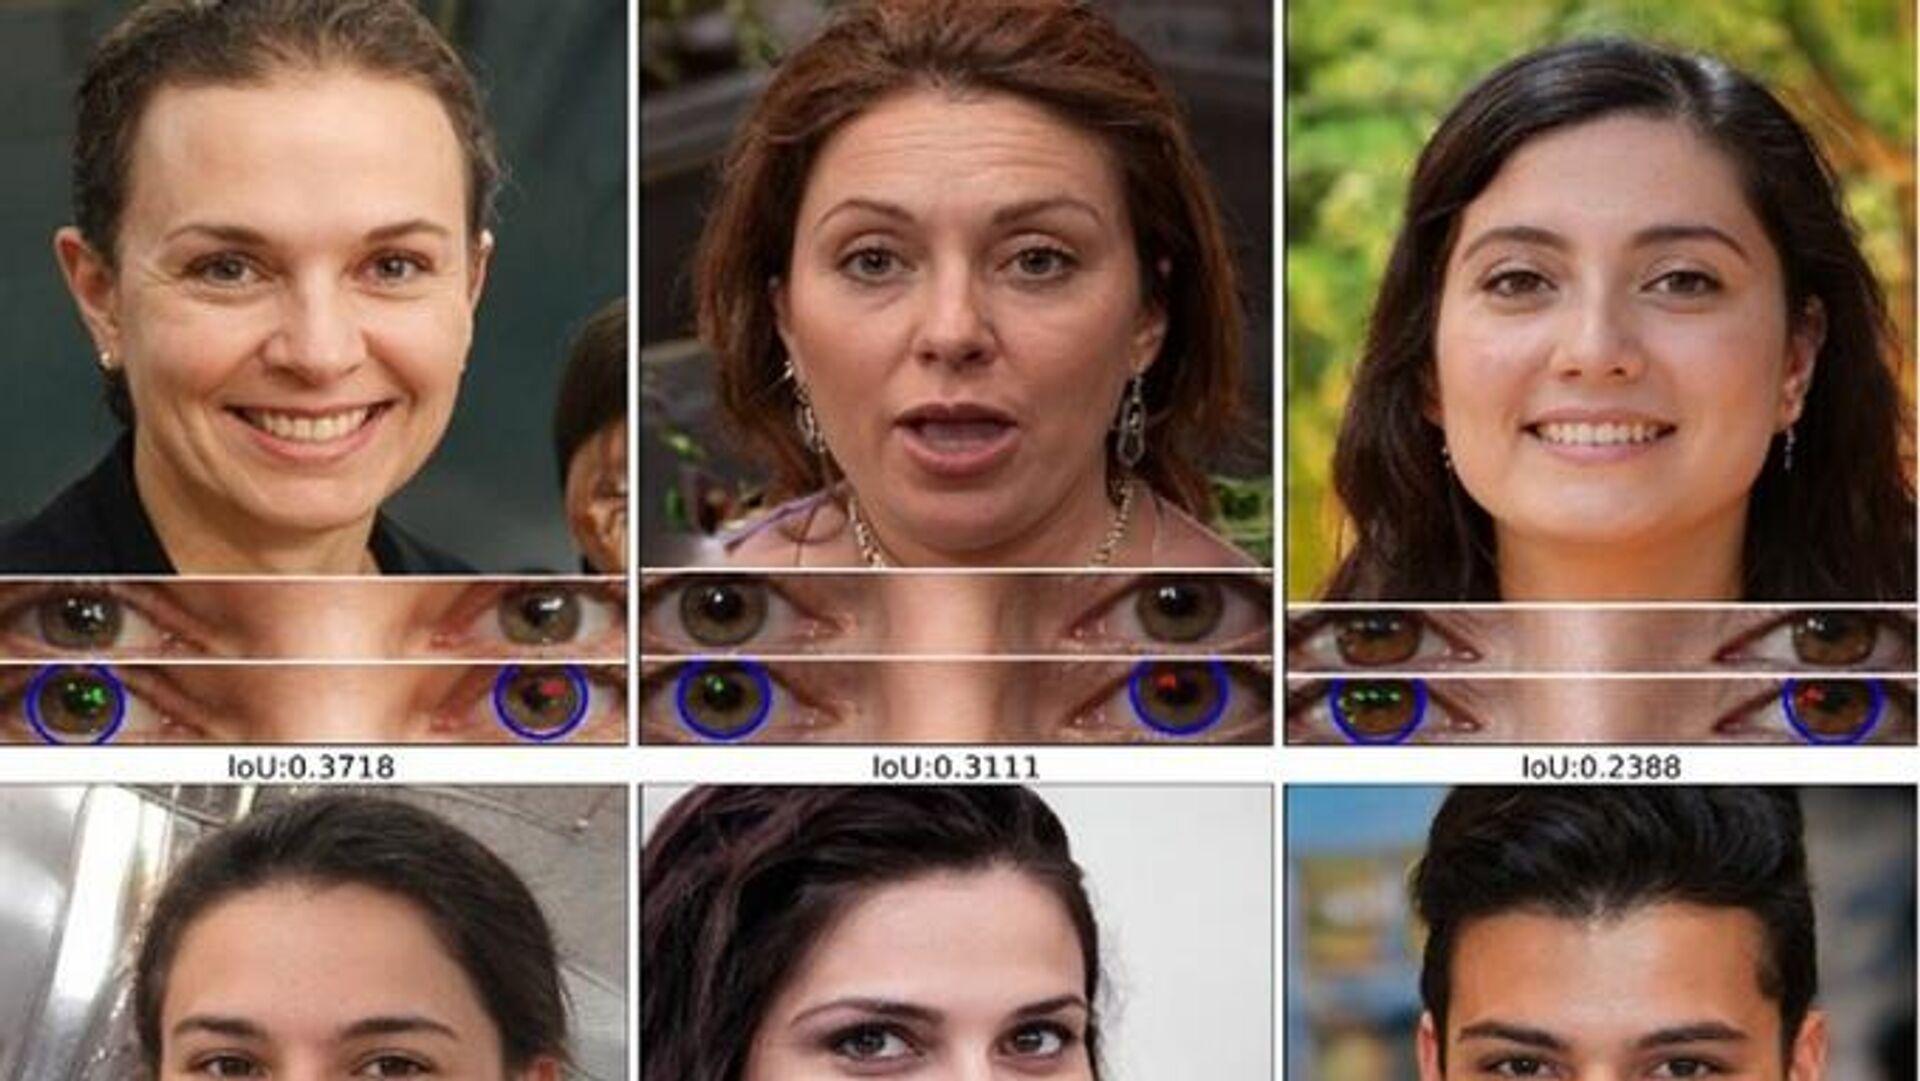 Unas caras de personas creadas con la tecnología de deepfake - Sputnik Mundo, 1920, 16.03.2021